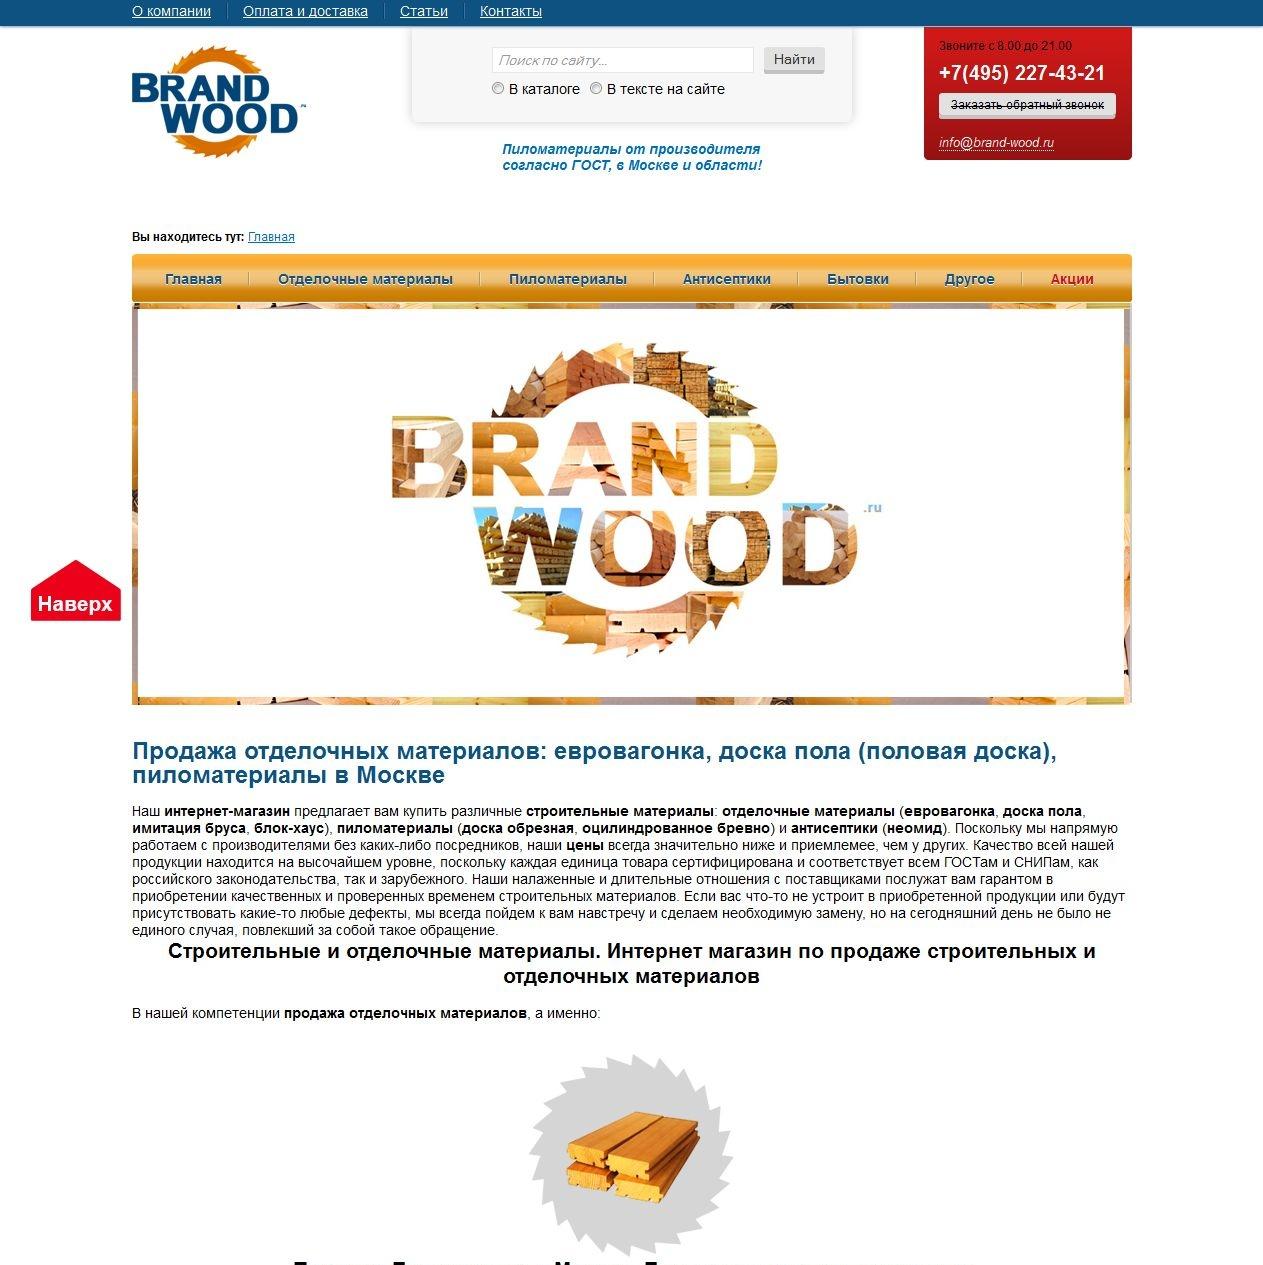 Brand-wood.ru - продажа отделочных материалов.